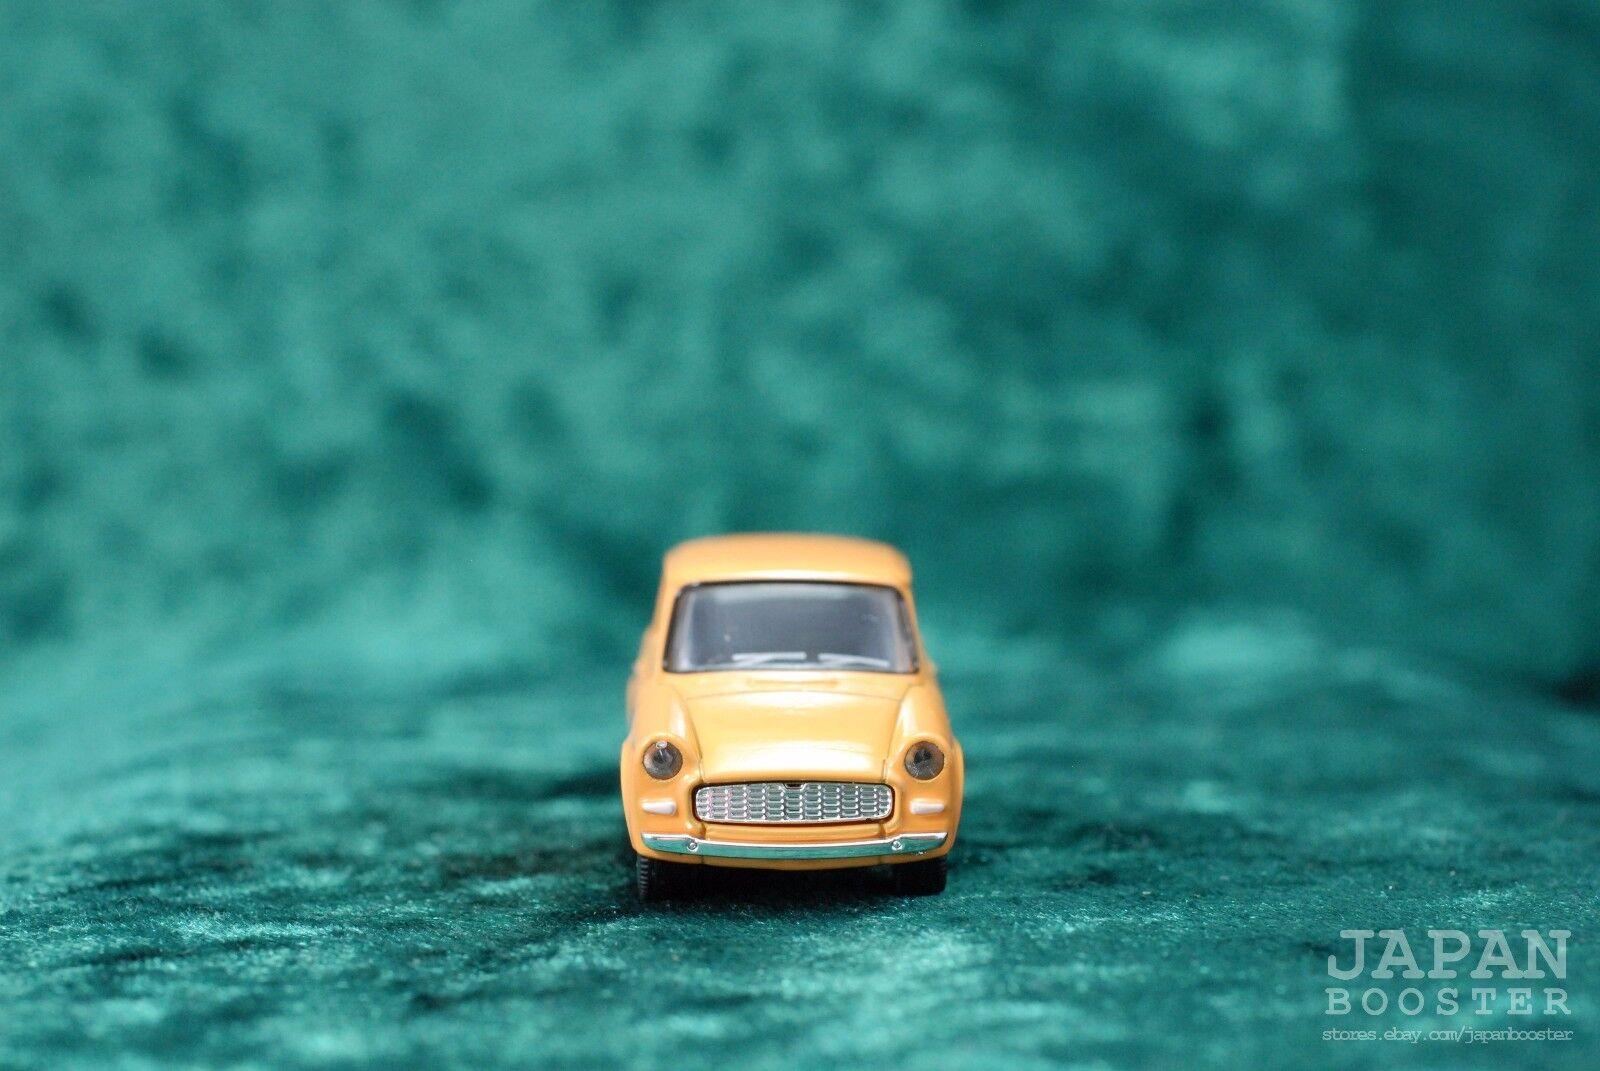 Tomica Limited Vintage Lv 08a 1 64 Toyota Publica Orange 4904810205951 Ebay